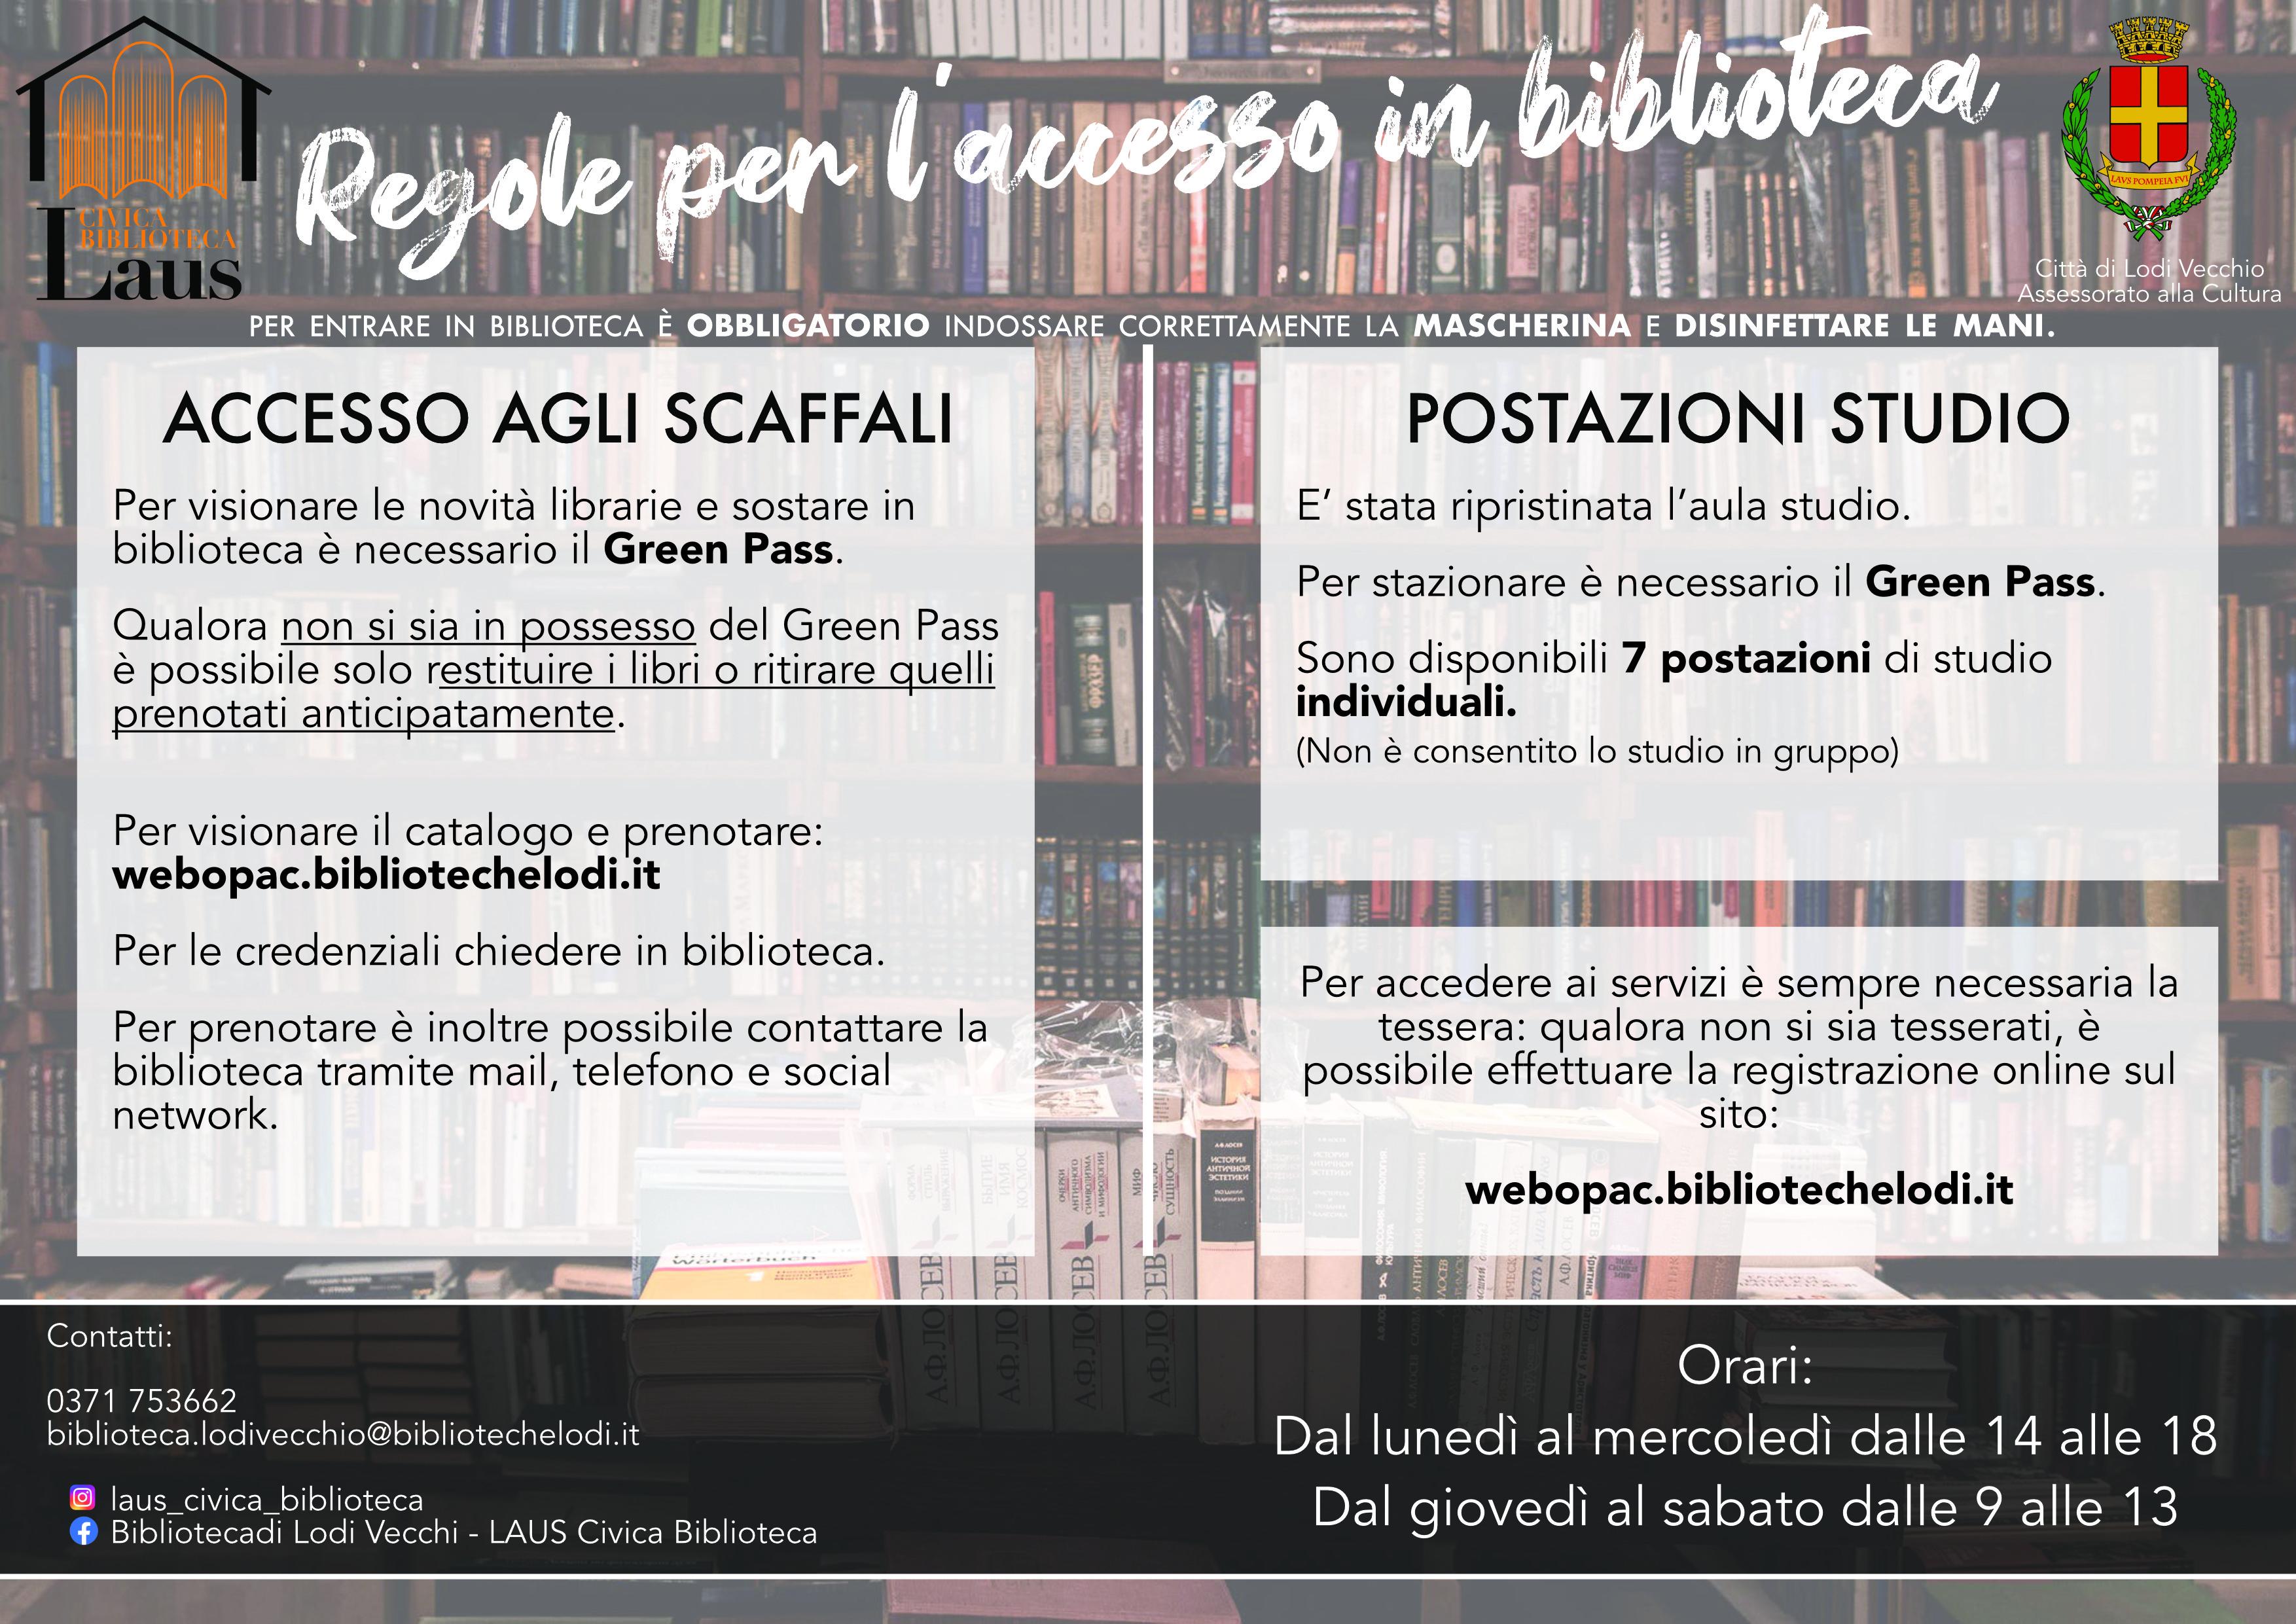 regole per accesso alla biblioteca